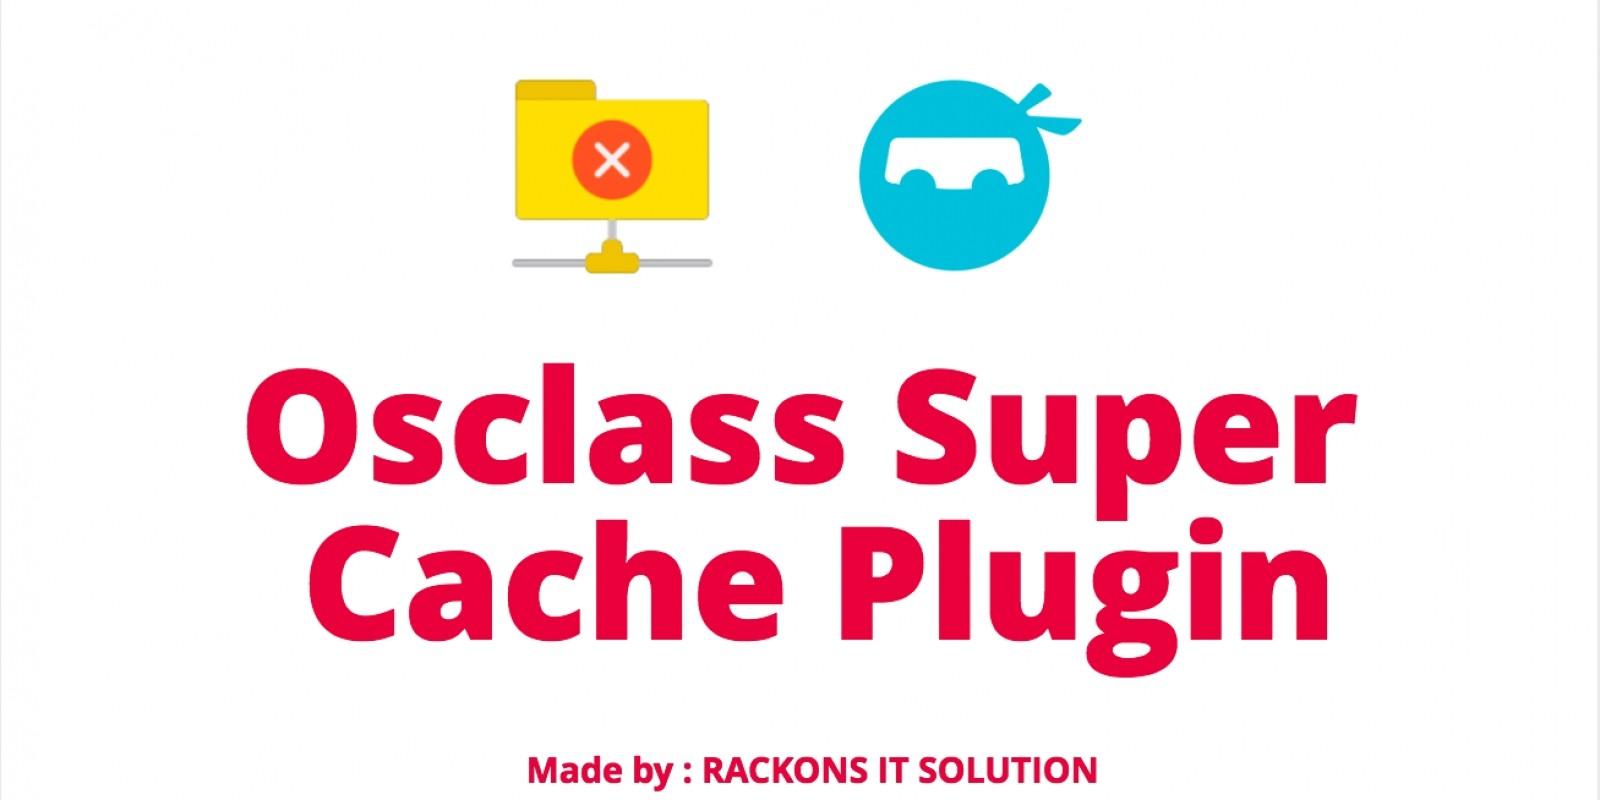 Osclass Super Cache Plugin